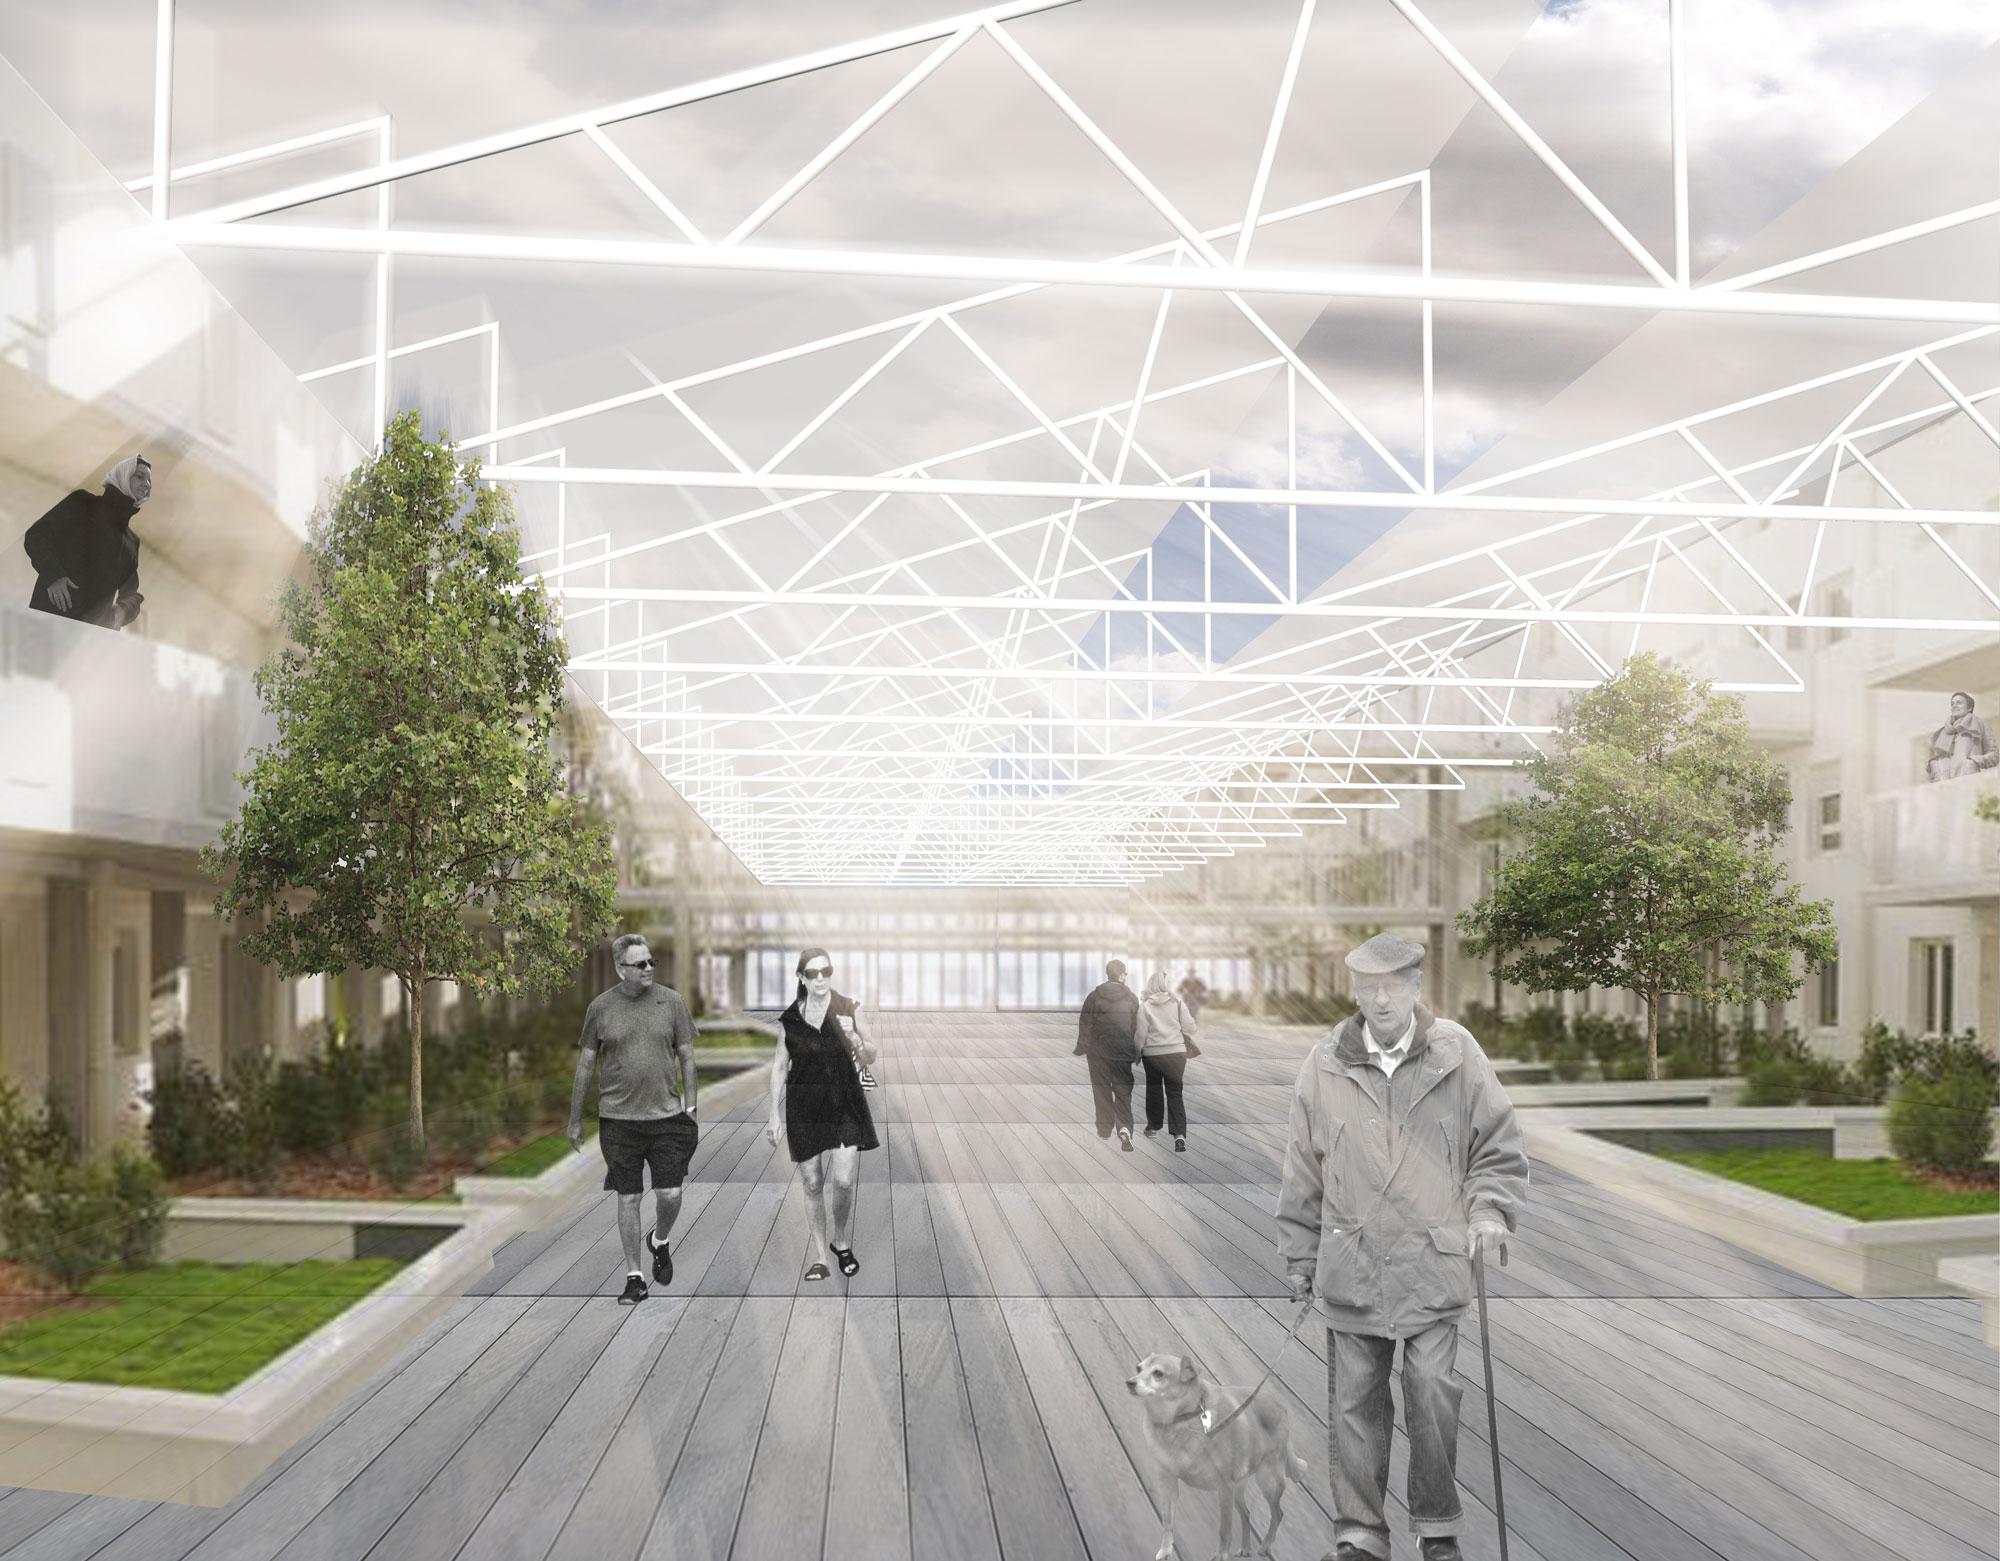 Urban Design & Masterplanning